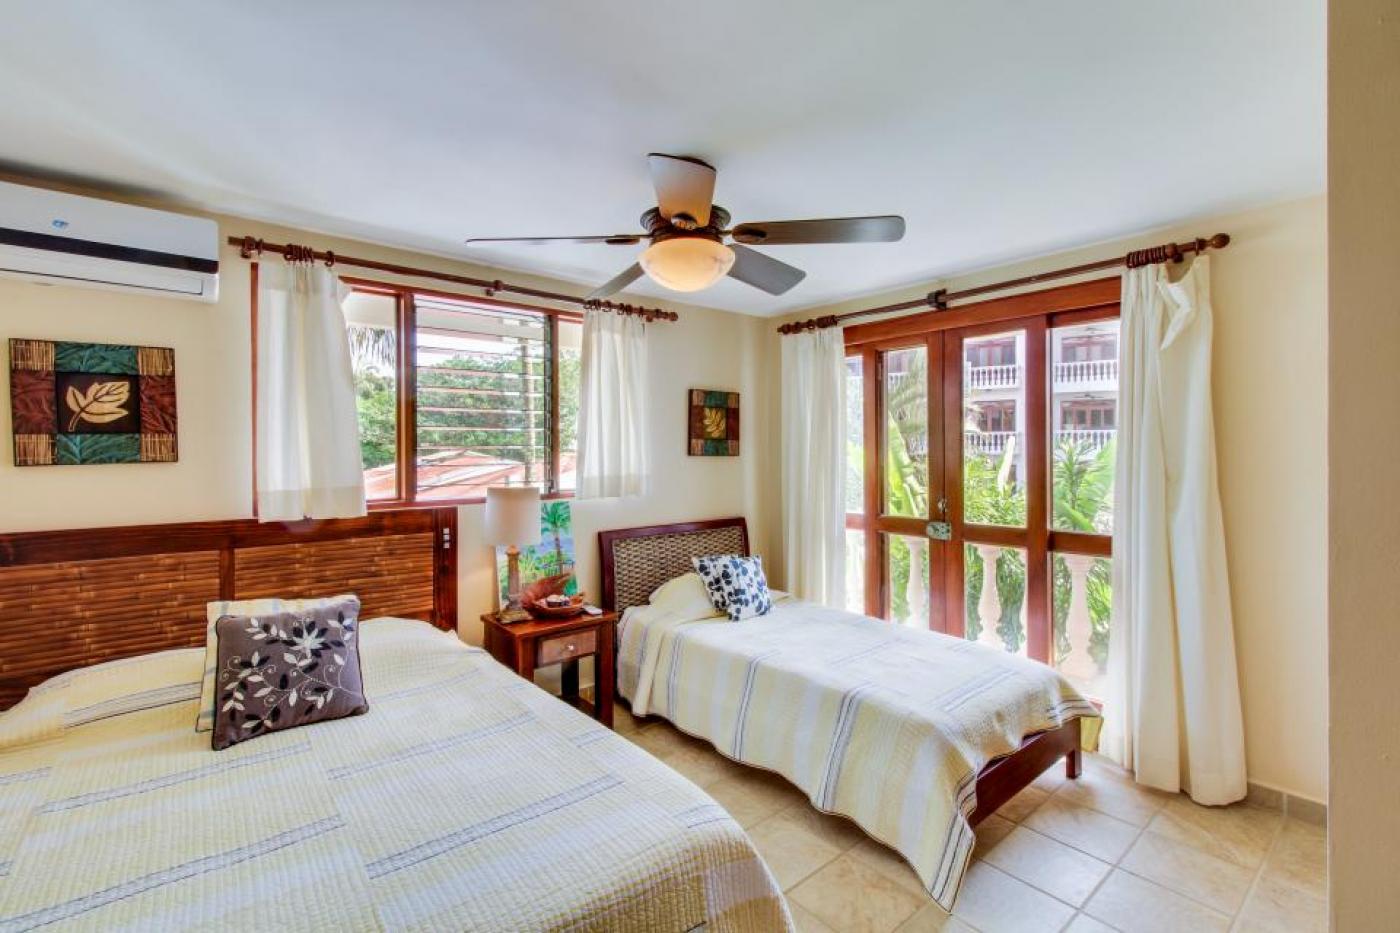 Luxury Beach Condo For Sale A1 (5)